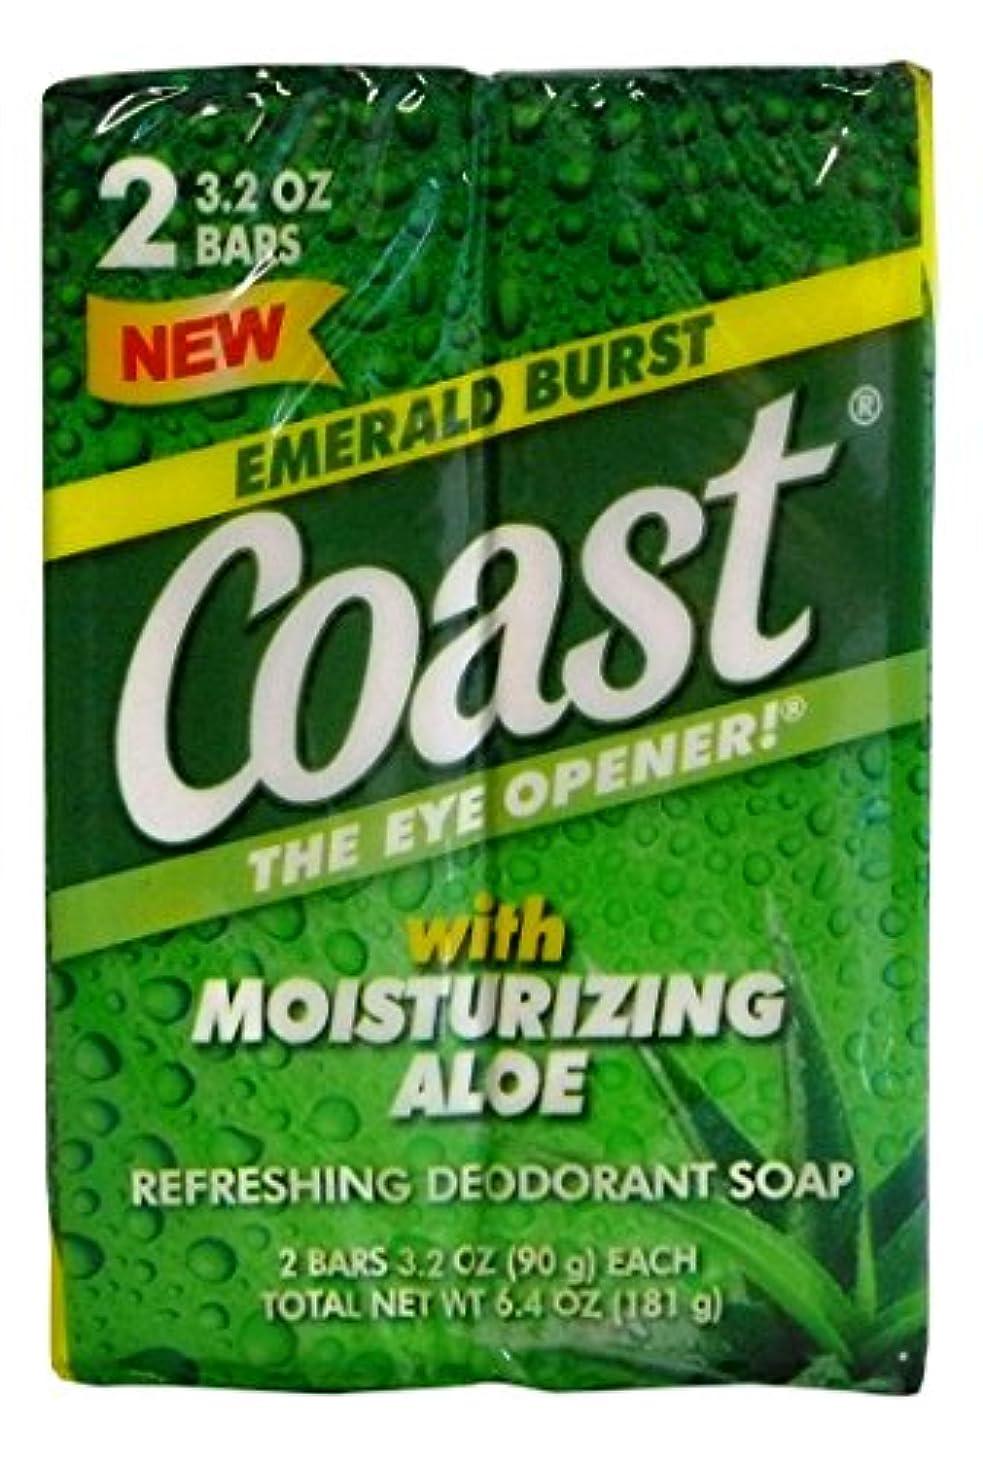 落ち着かない嫌な窒息させるコースト 固形石鹸 エメラルドバースト 90g 2個入